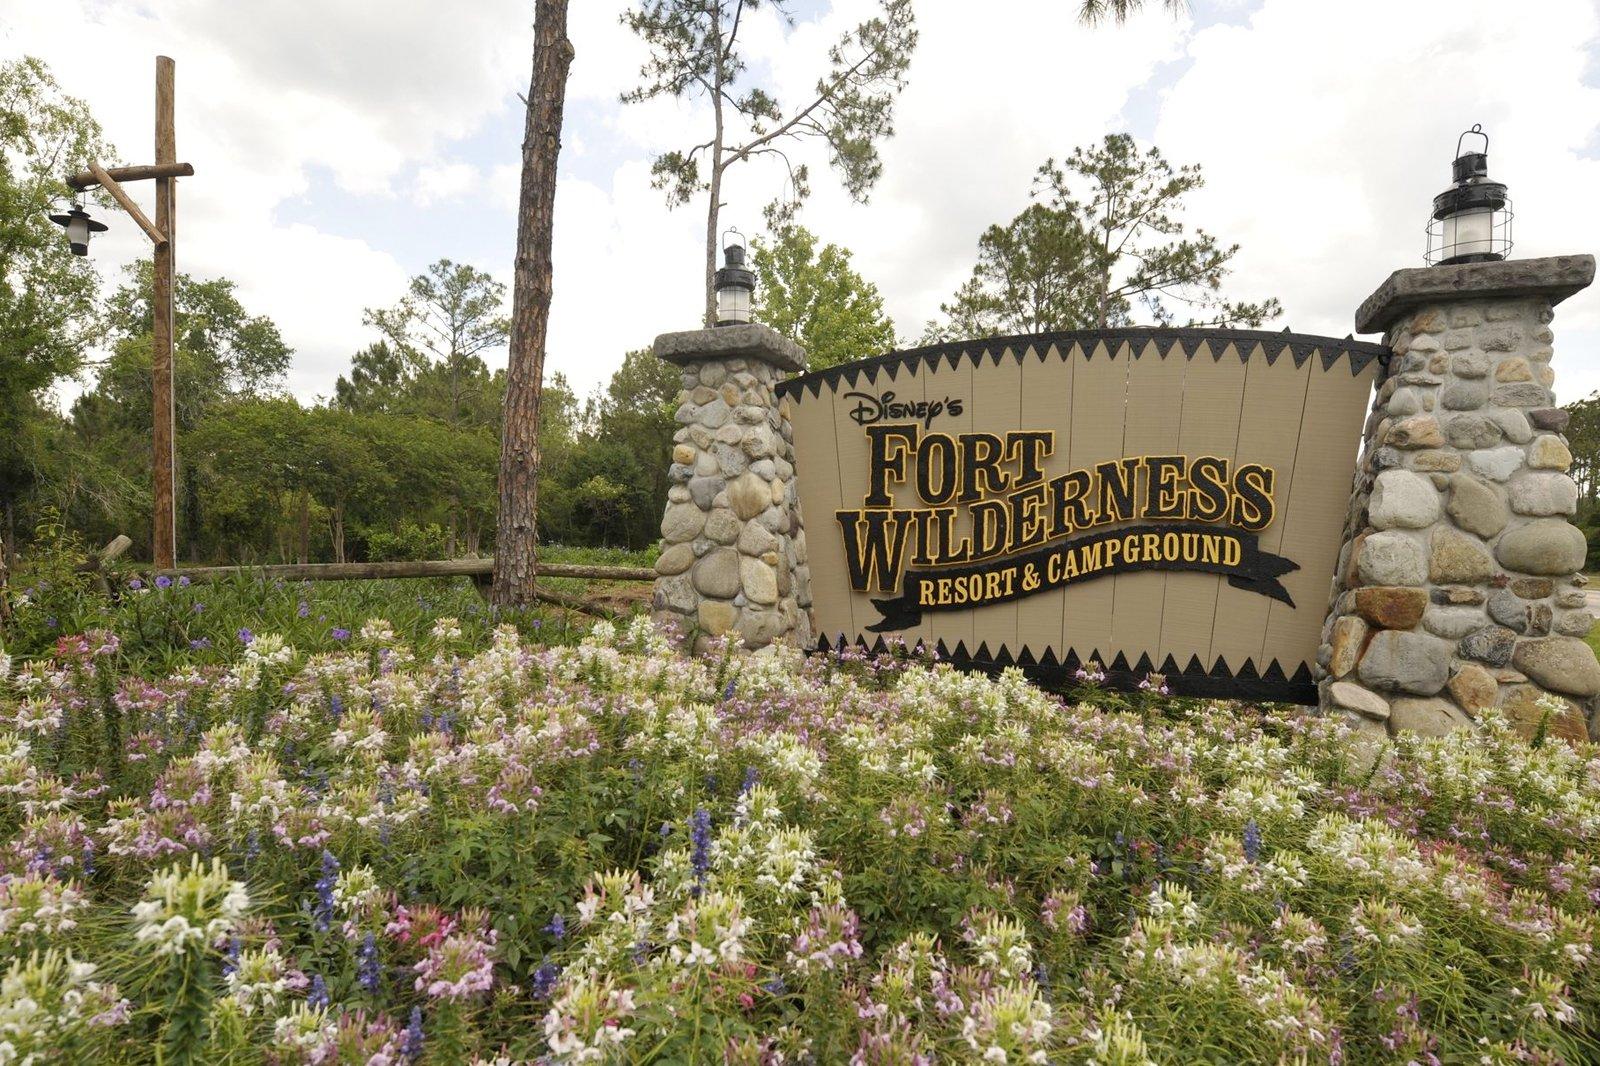 0322 Disney Walt Disney World Fort Wilderness Campground Hotel Resort